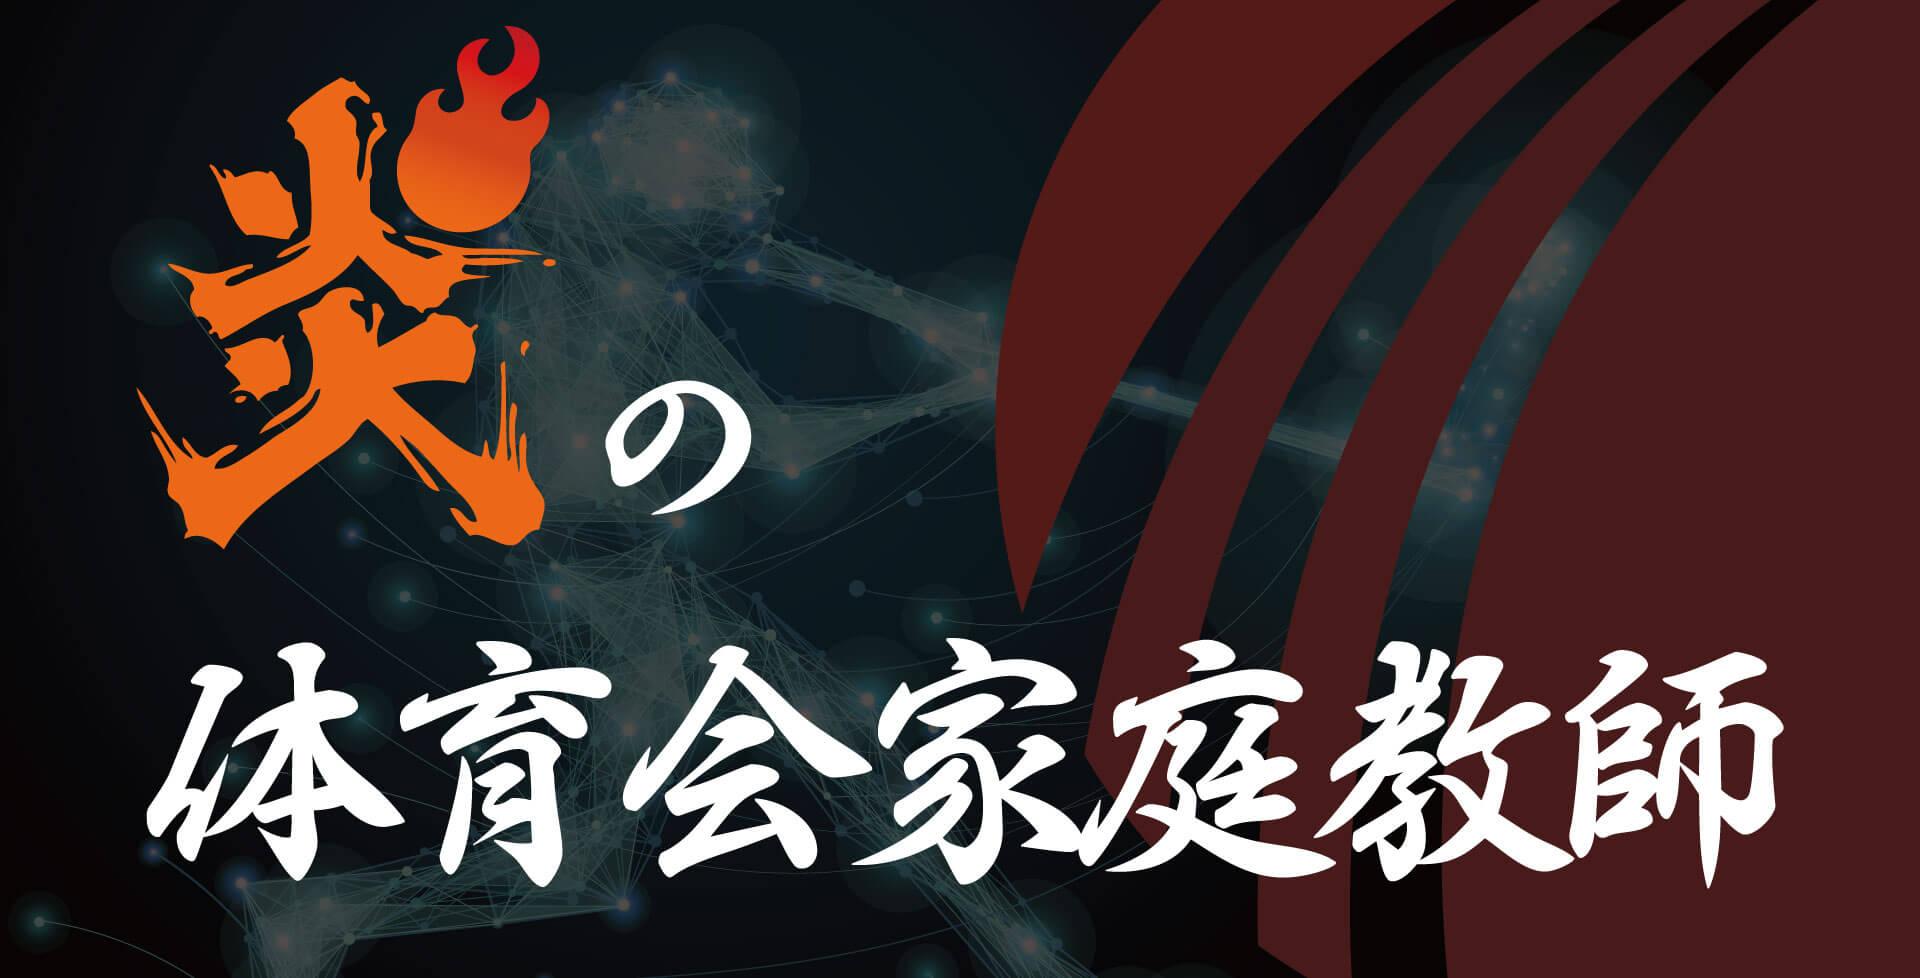 炎の体育会家庭教師【ベースボール編】のキービジュアル%